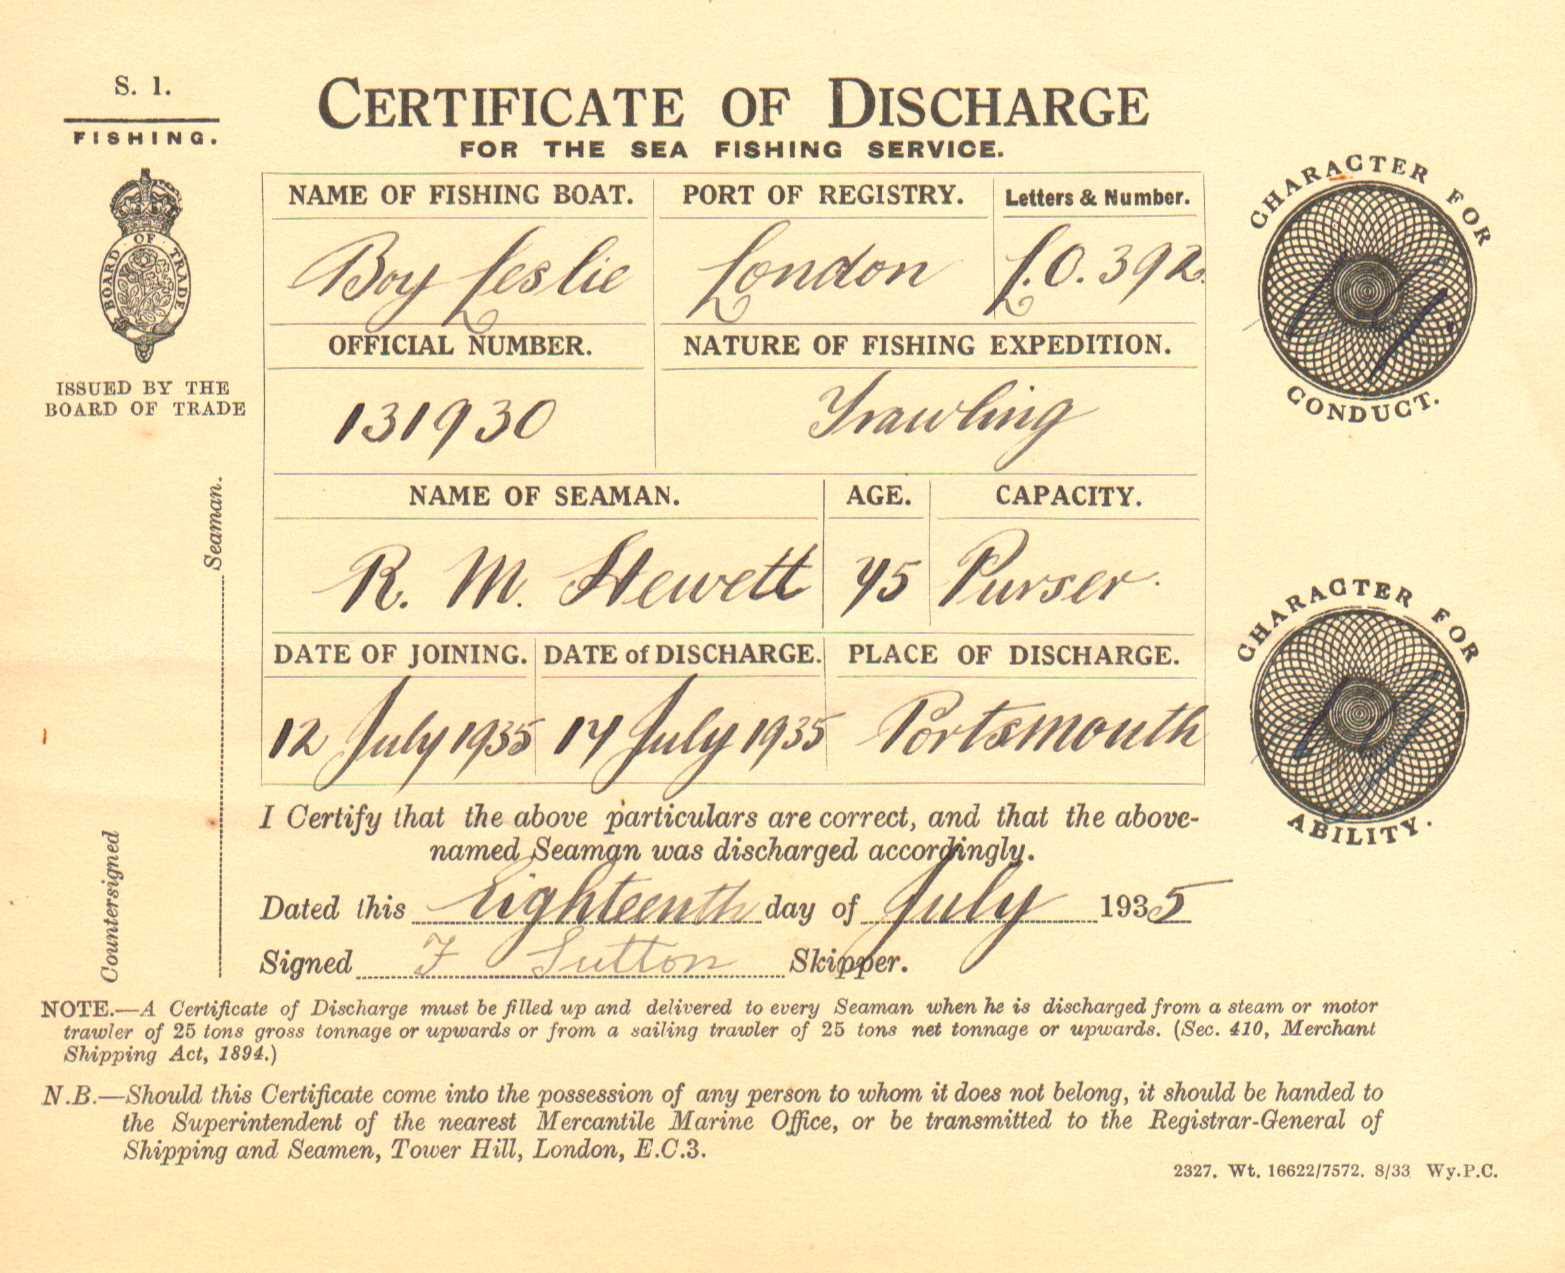 Robert hewett Discharge certificate 1935